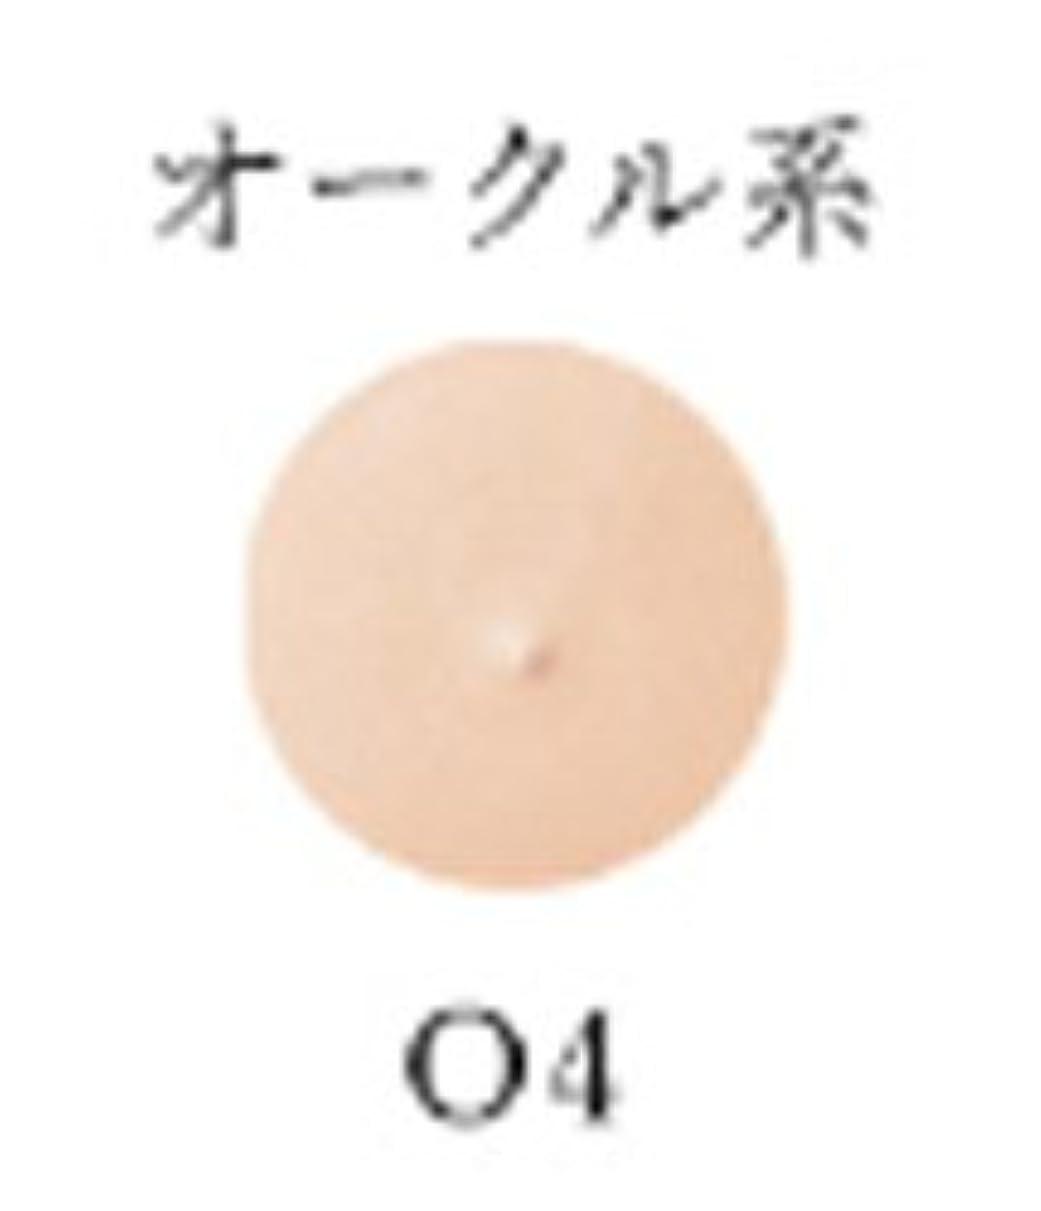 引用評決つばオリリー ナチュラルカバーファンデーション(リフィル)<ケース別売> 《12g》<カラー:O4>